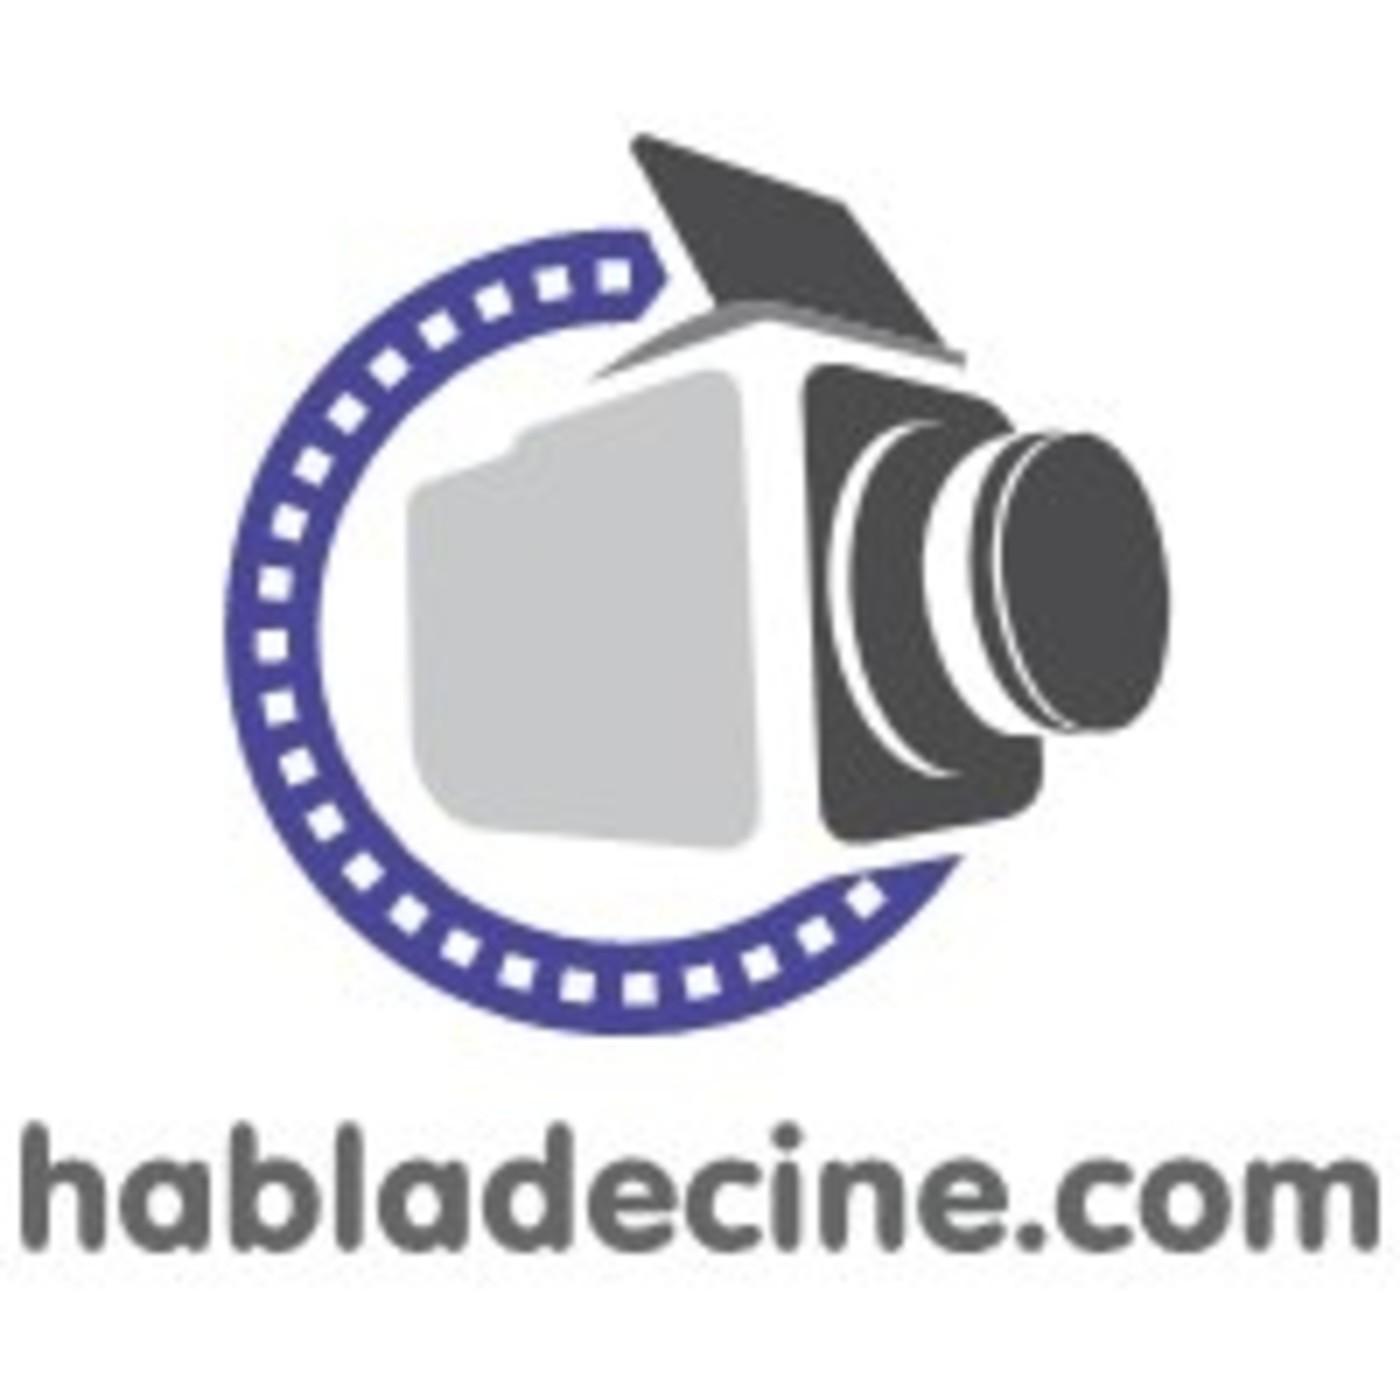 Habladecinecom Cita A Ciegas Con La Vida En Habladecinecom En Mp3